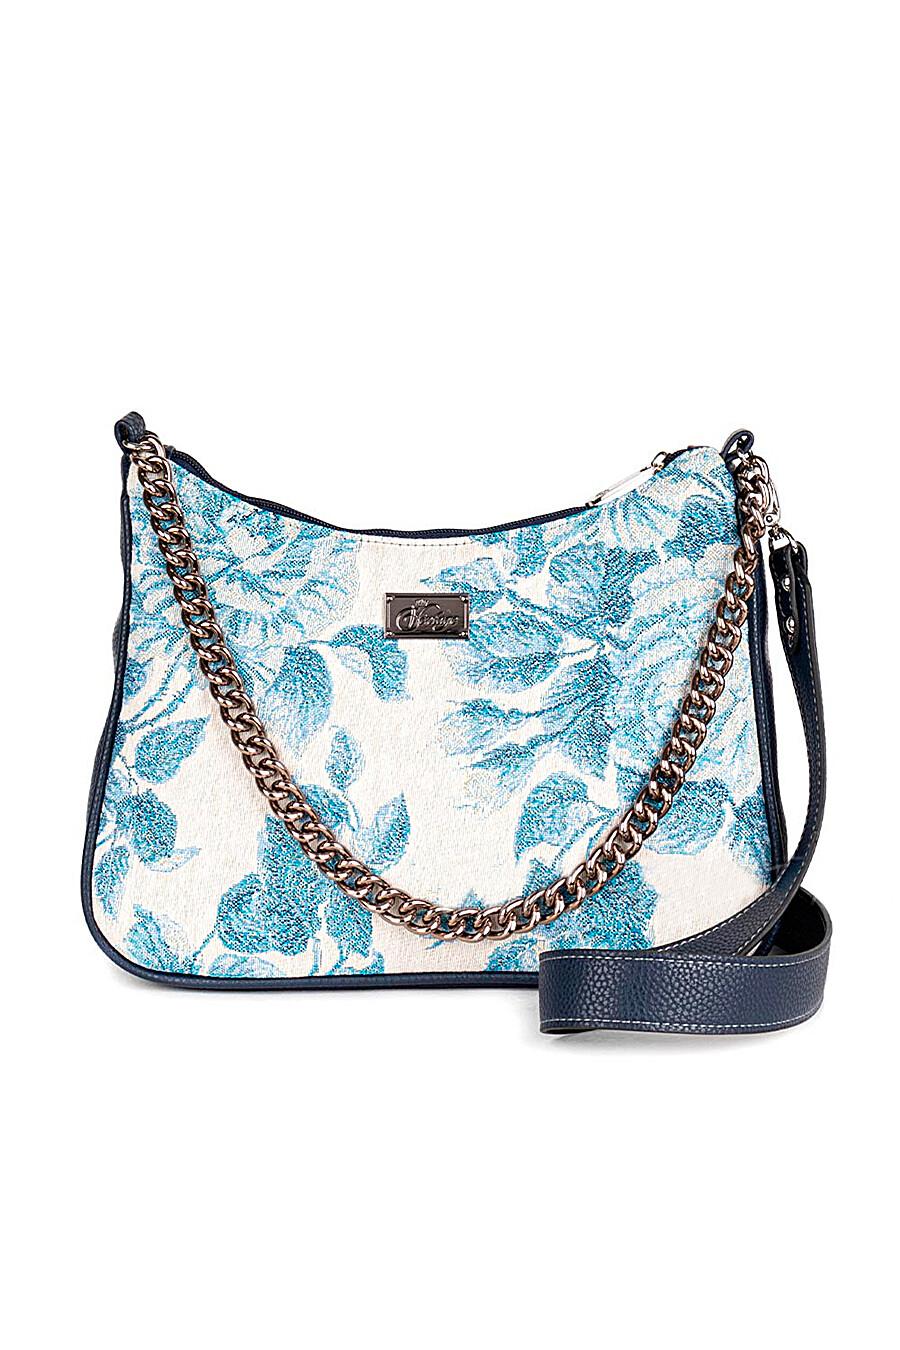 Сумка для женщин L-CRAFT 668313 купить оптом от производителя. Совместная покупка женской одежды в OptMoyo